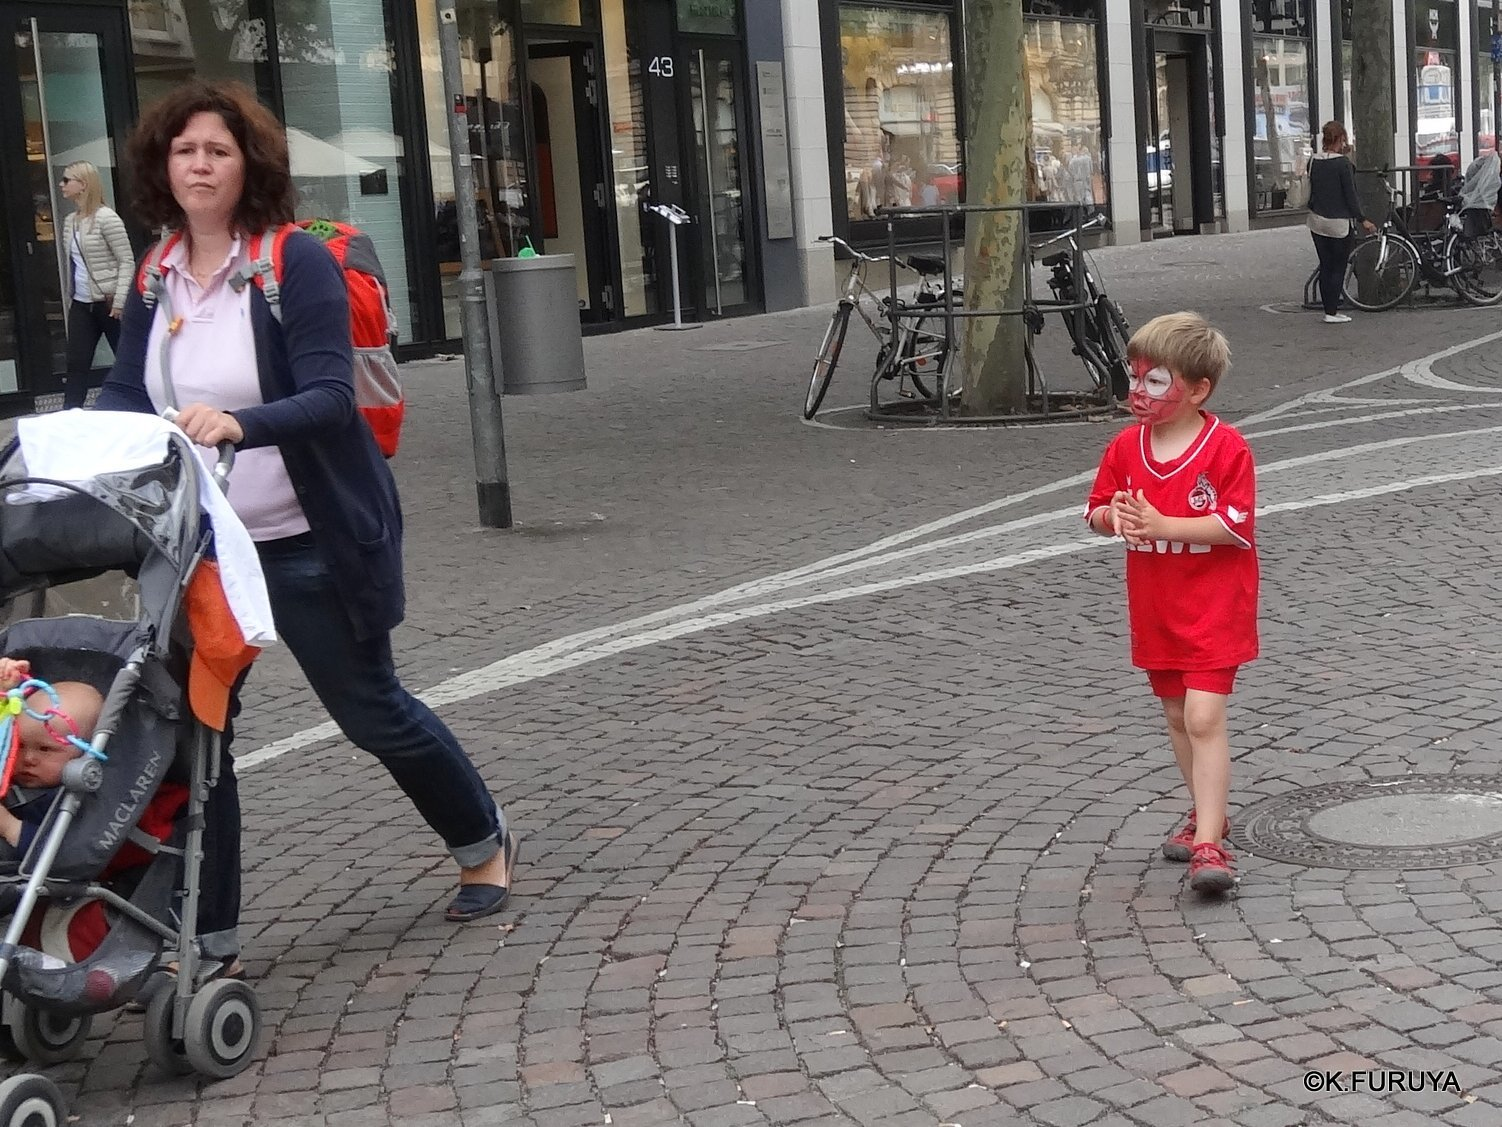 ドイツ9日間の旅 29 フランクフルト街歩き_a0092659_17183852.jpg